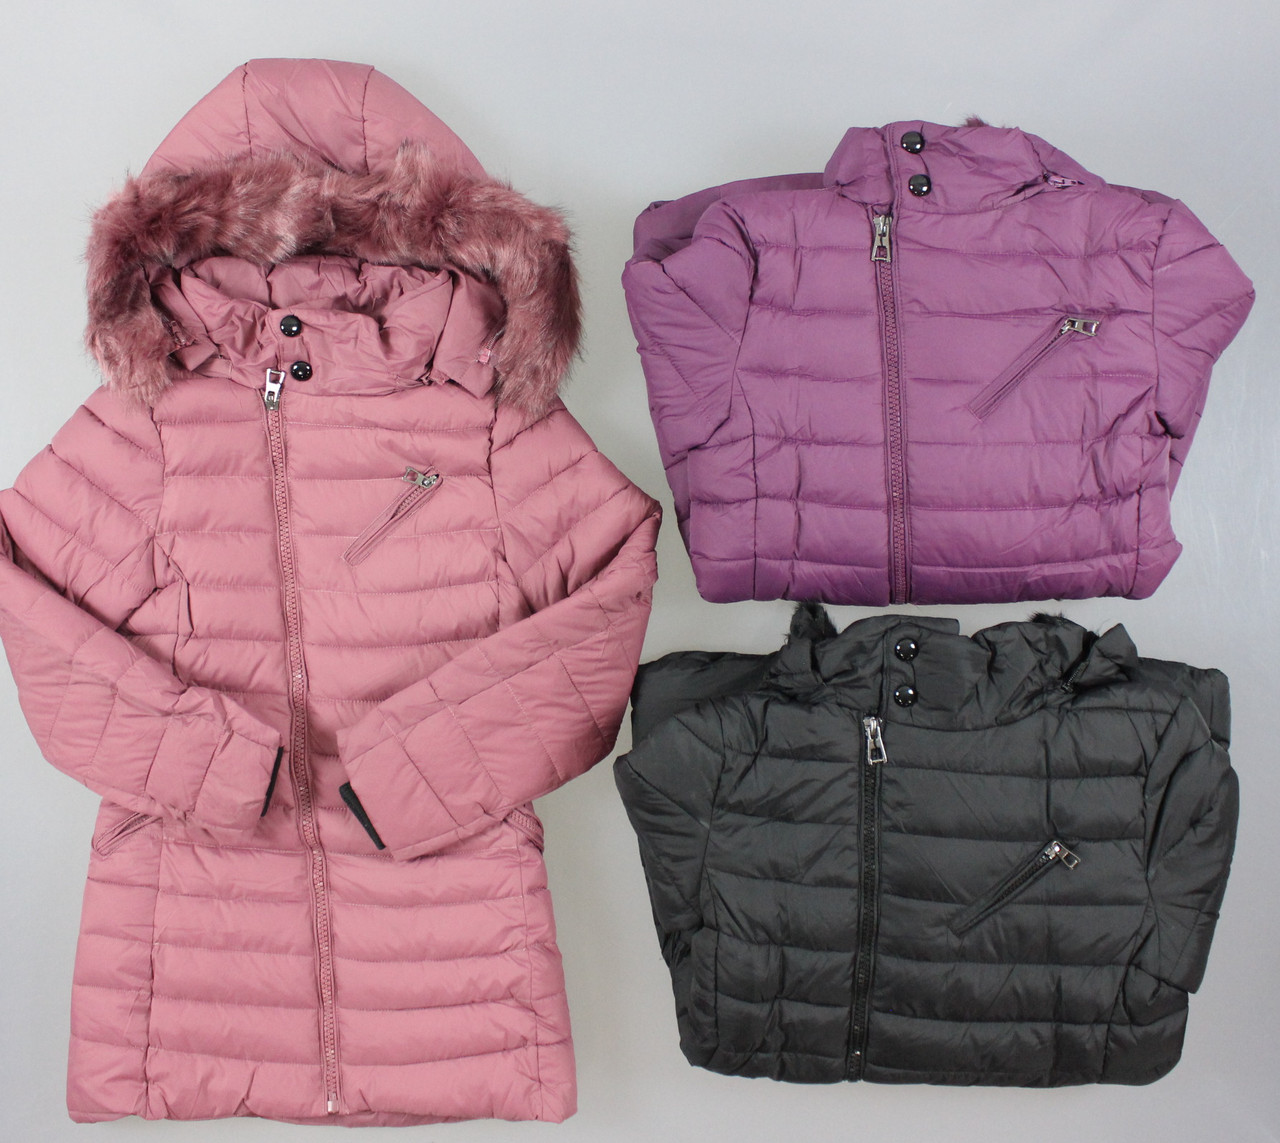 6173c7c8189 Куртка утепленная для девочек Taurus оптом